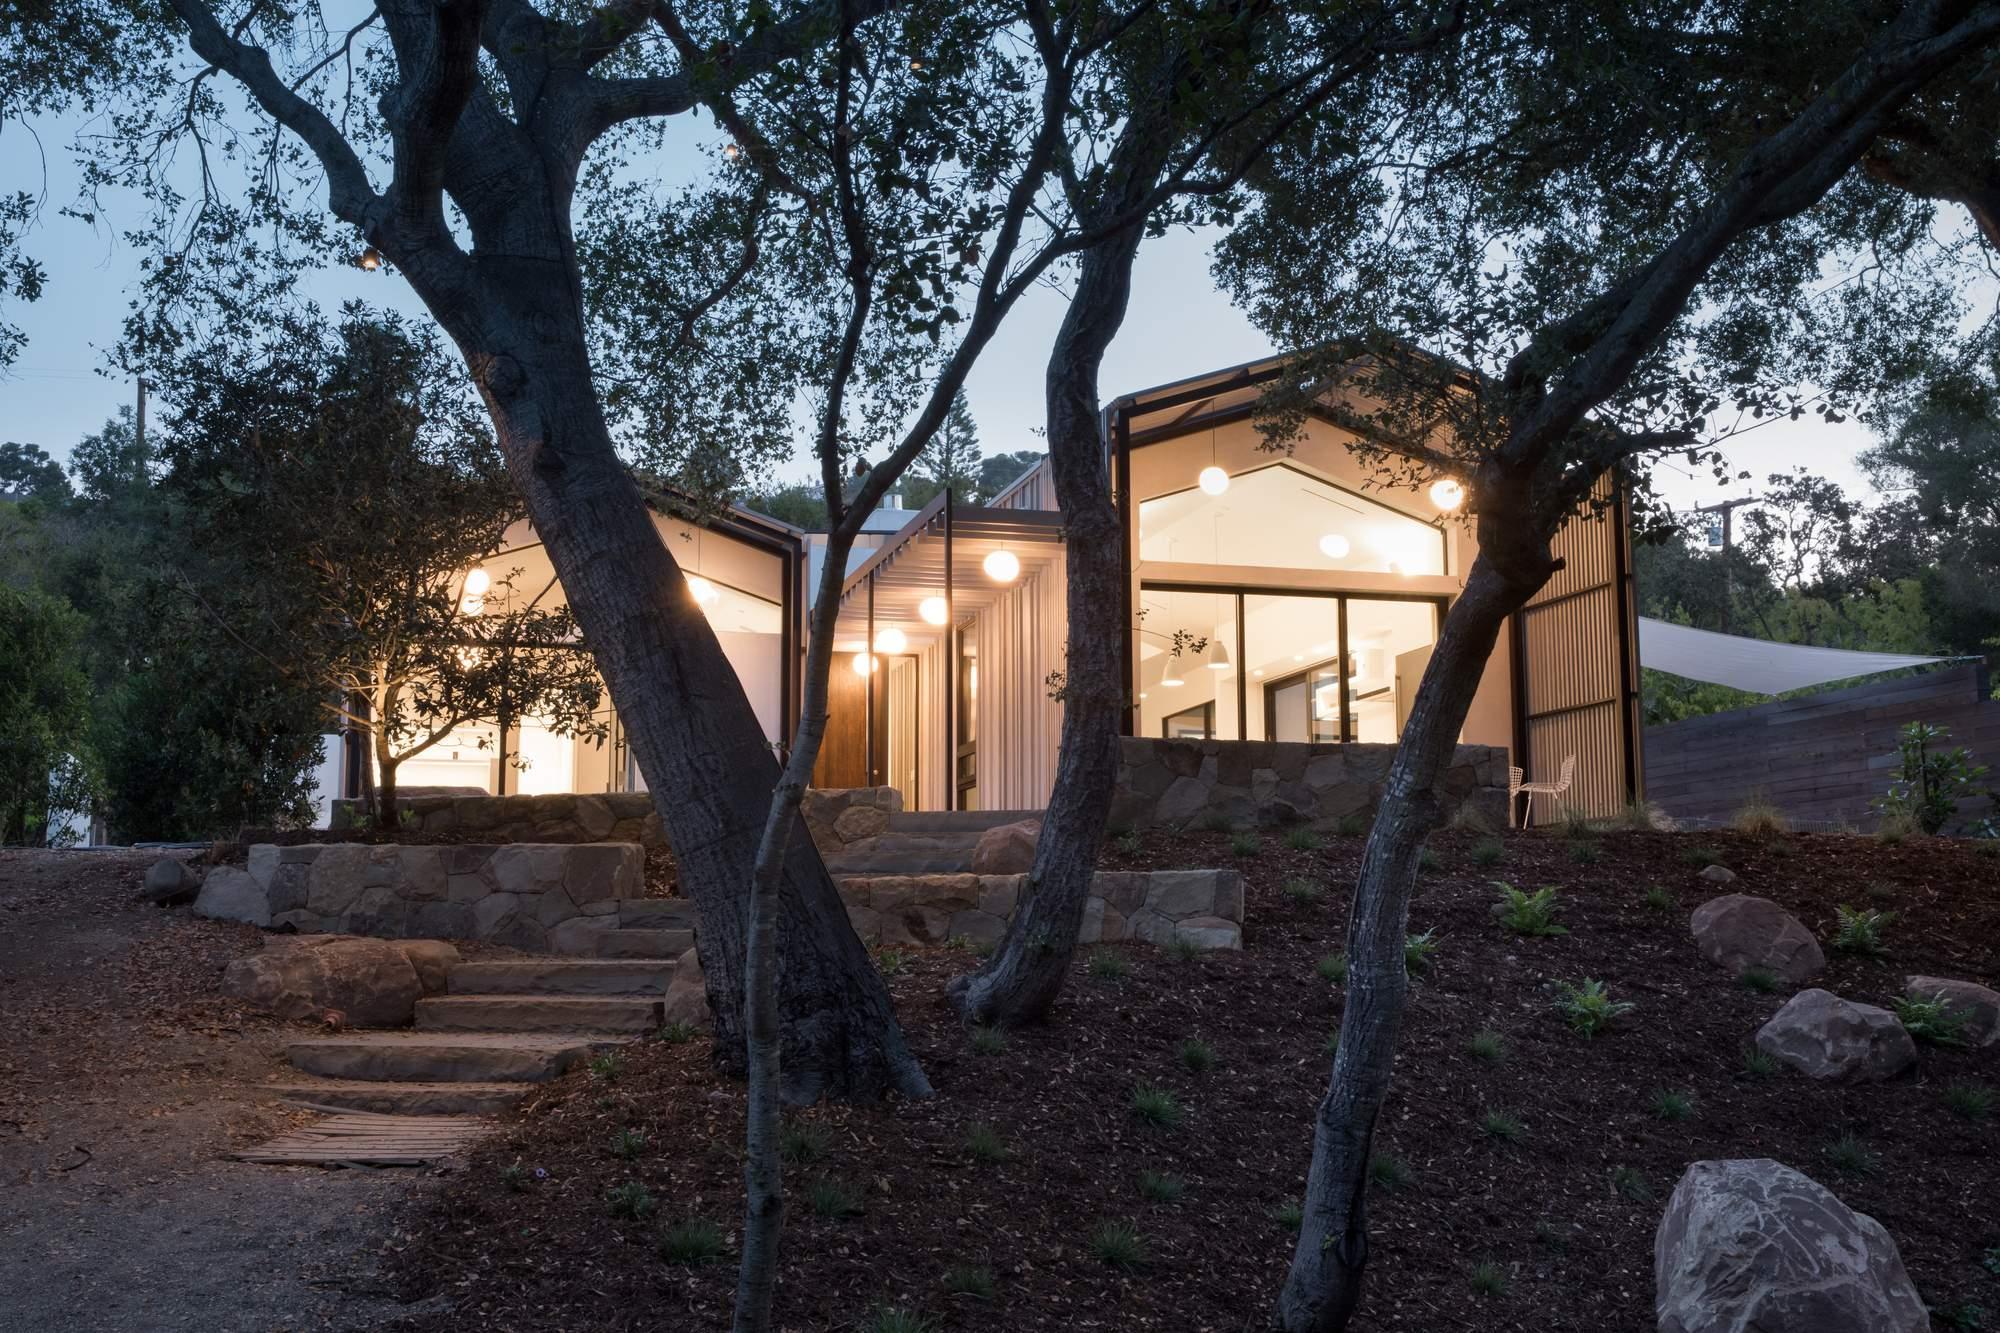 Скромный уютный дом от PLACE в Санта-Барбара, США